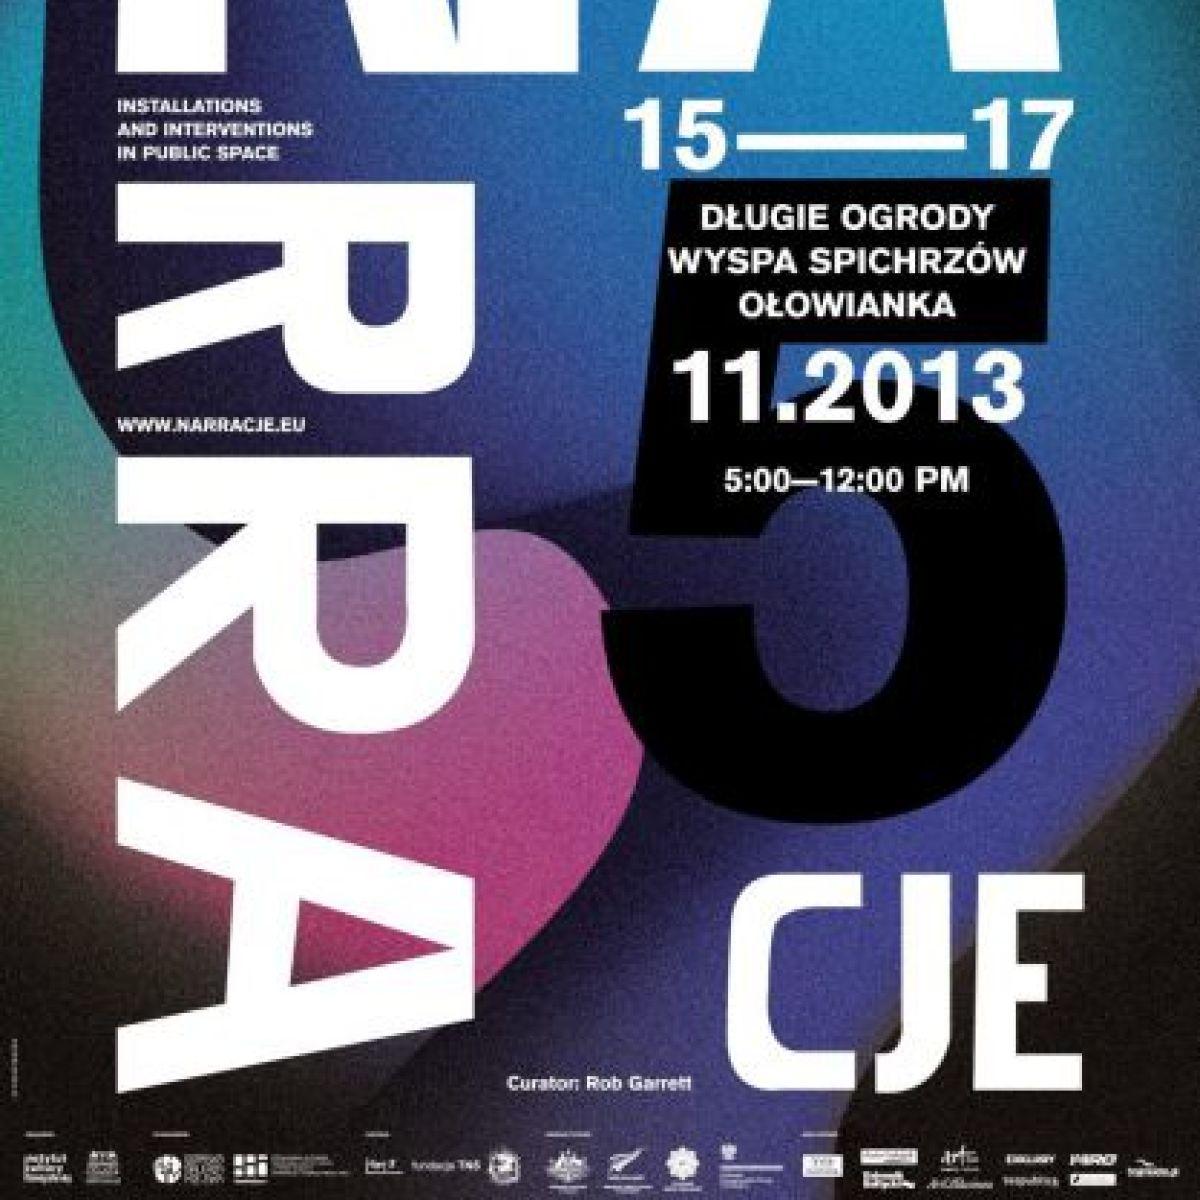 Zapraszamy do Gdańska na: 5. EDYCJĘ FESTIWALU NARRACJE